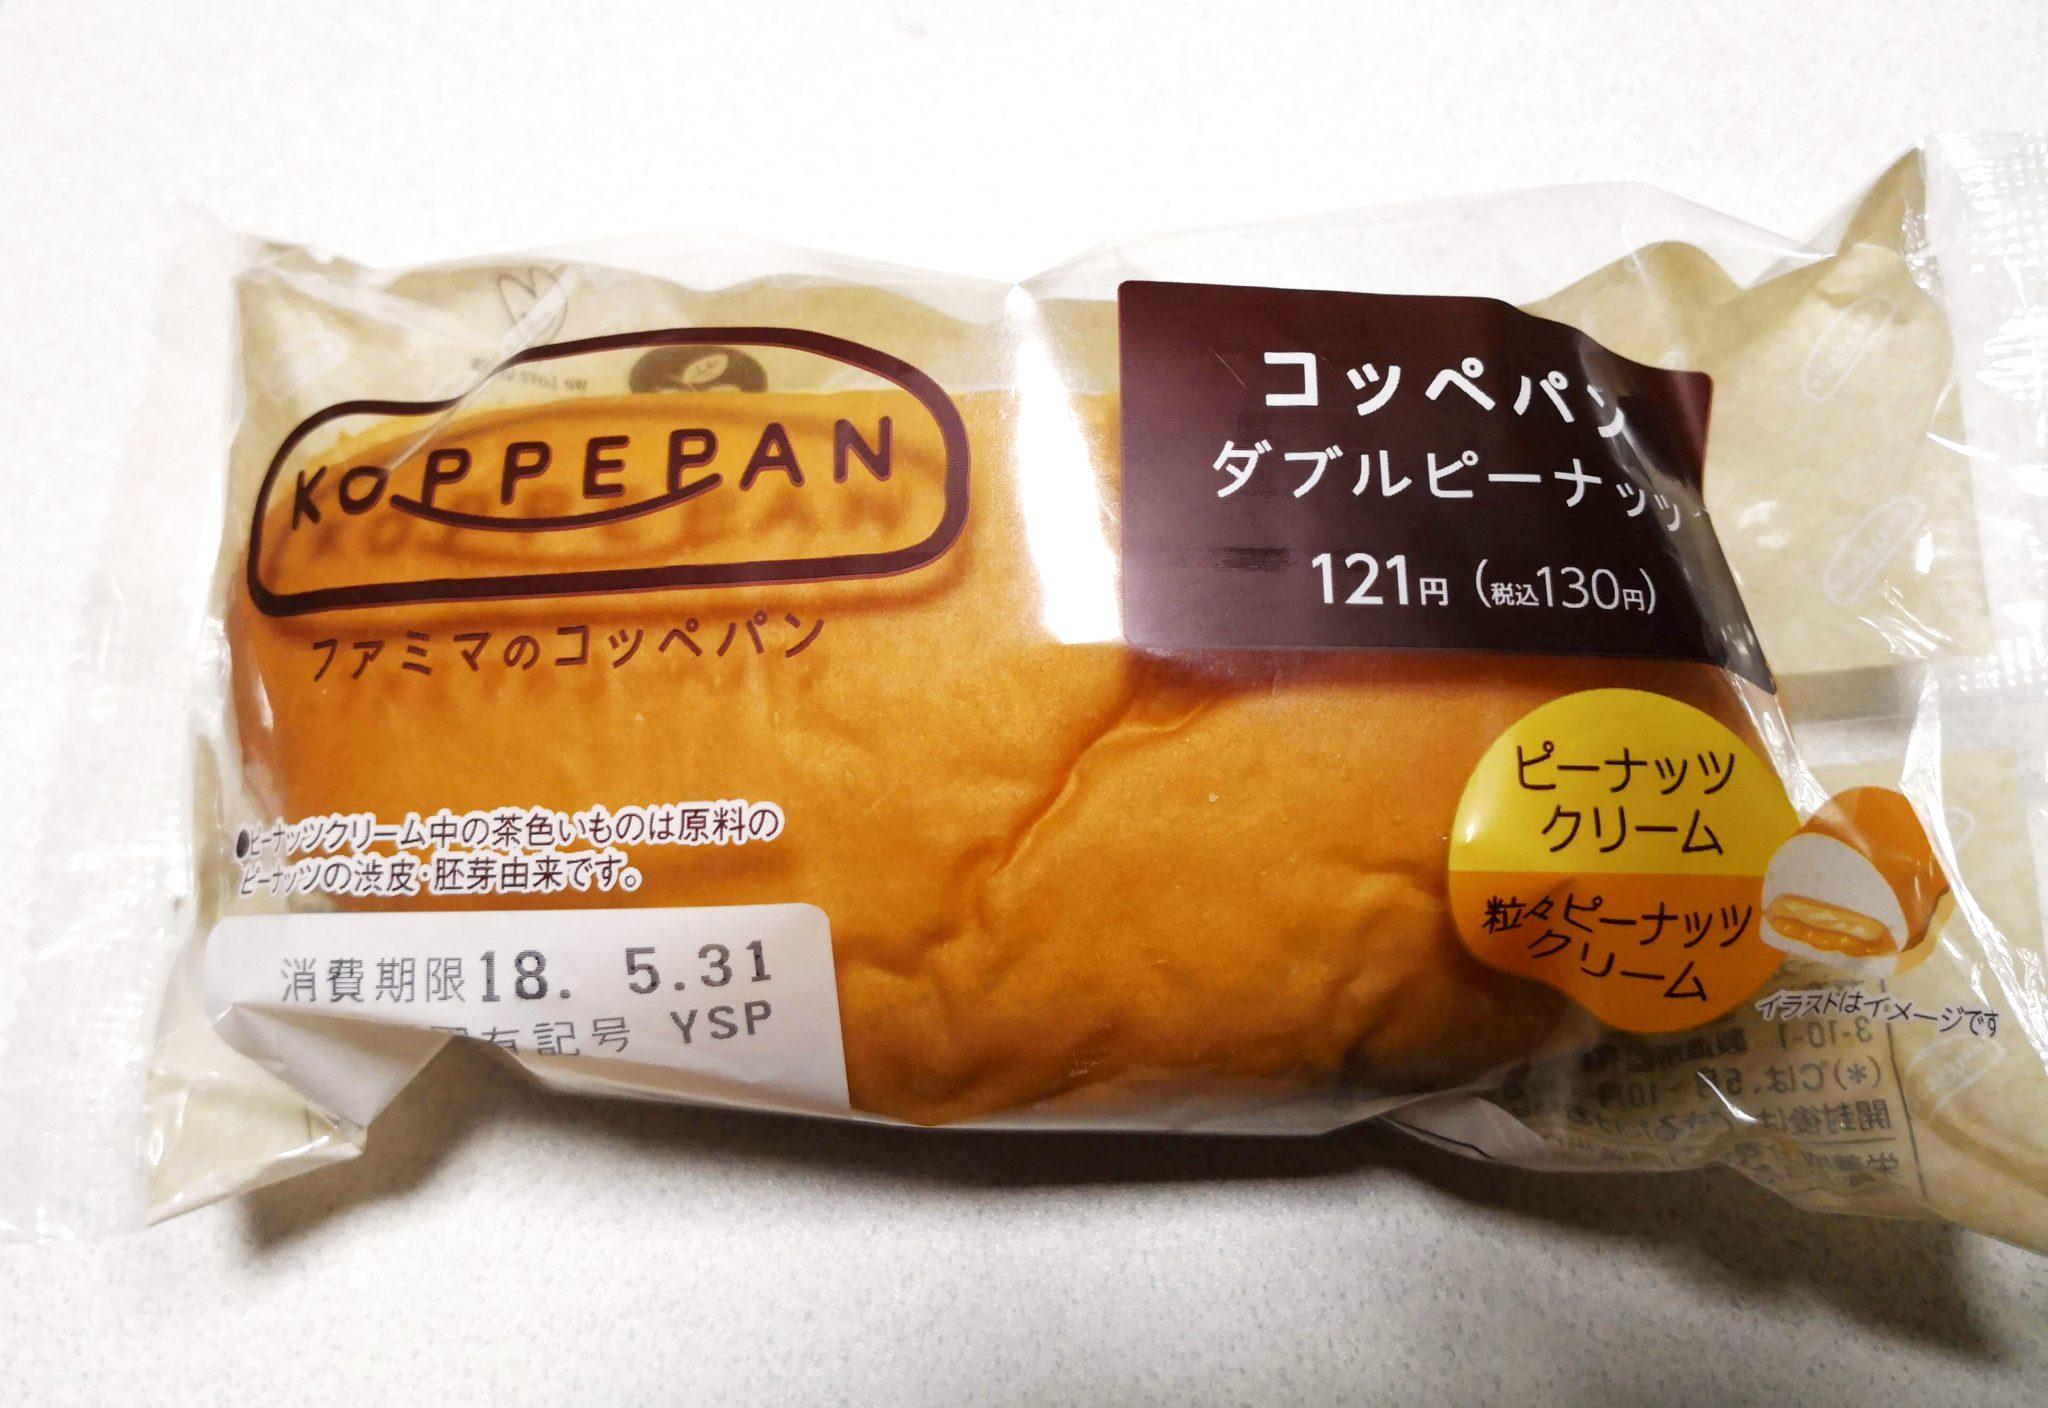 ファミマ コッペパン(ダブルピーナッツ)